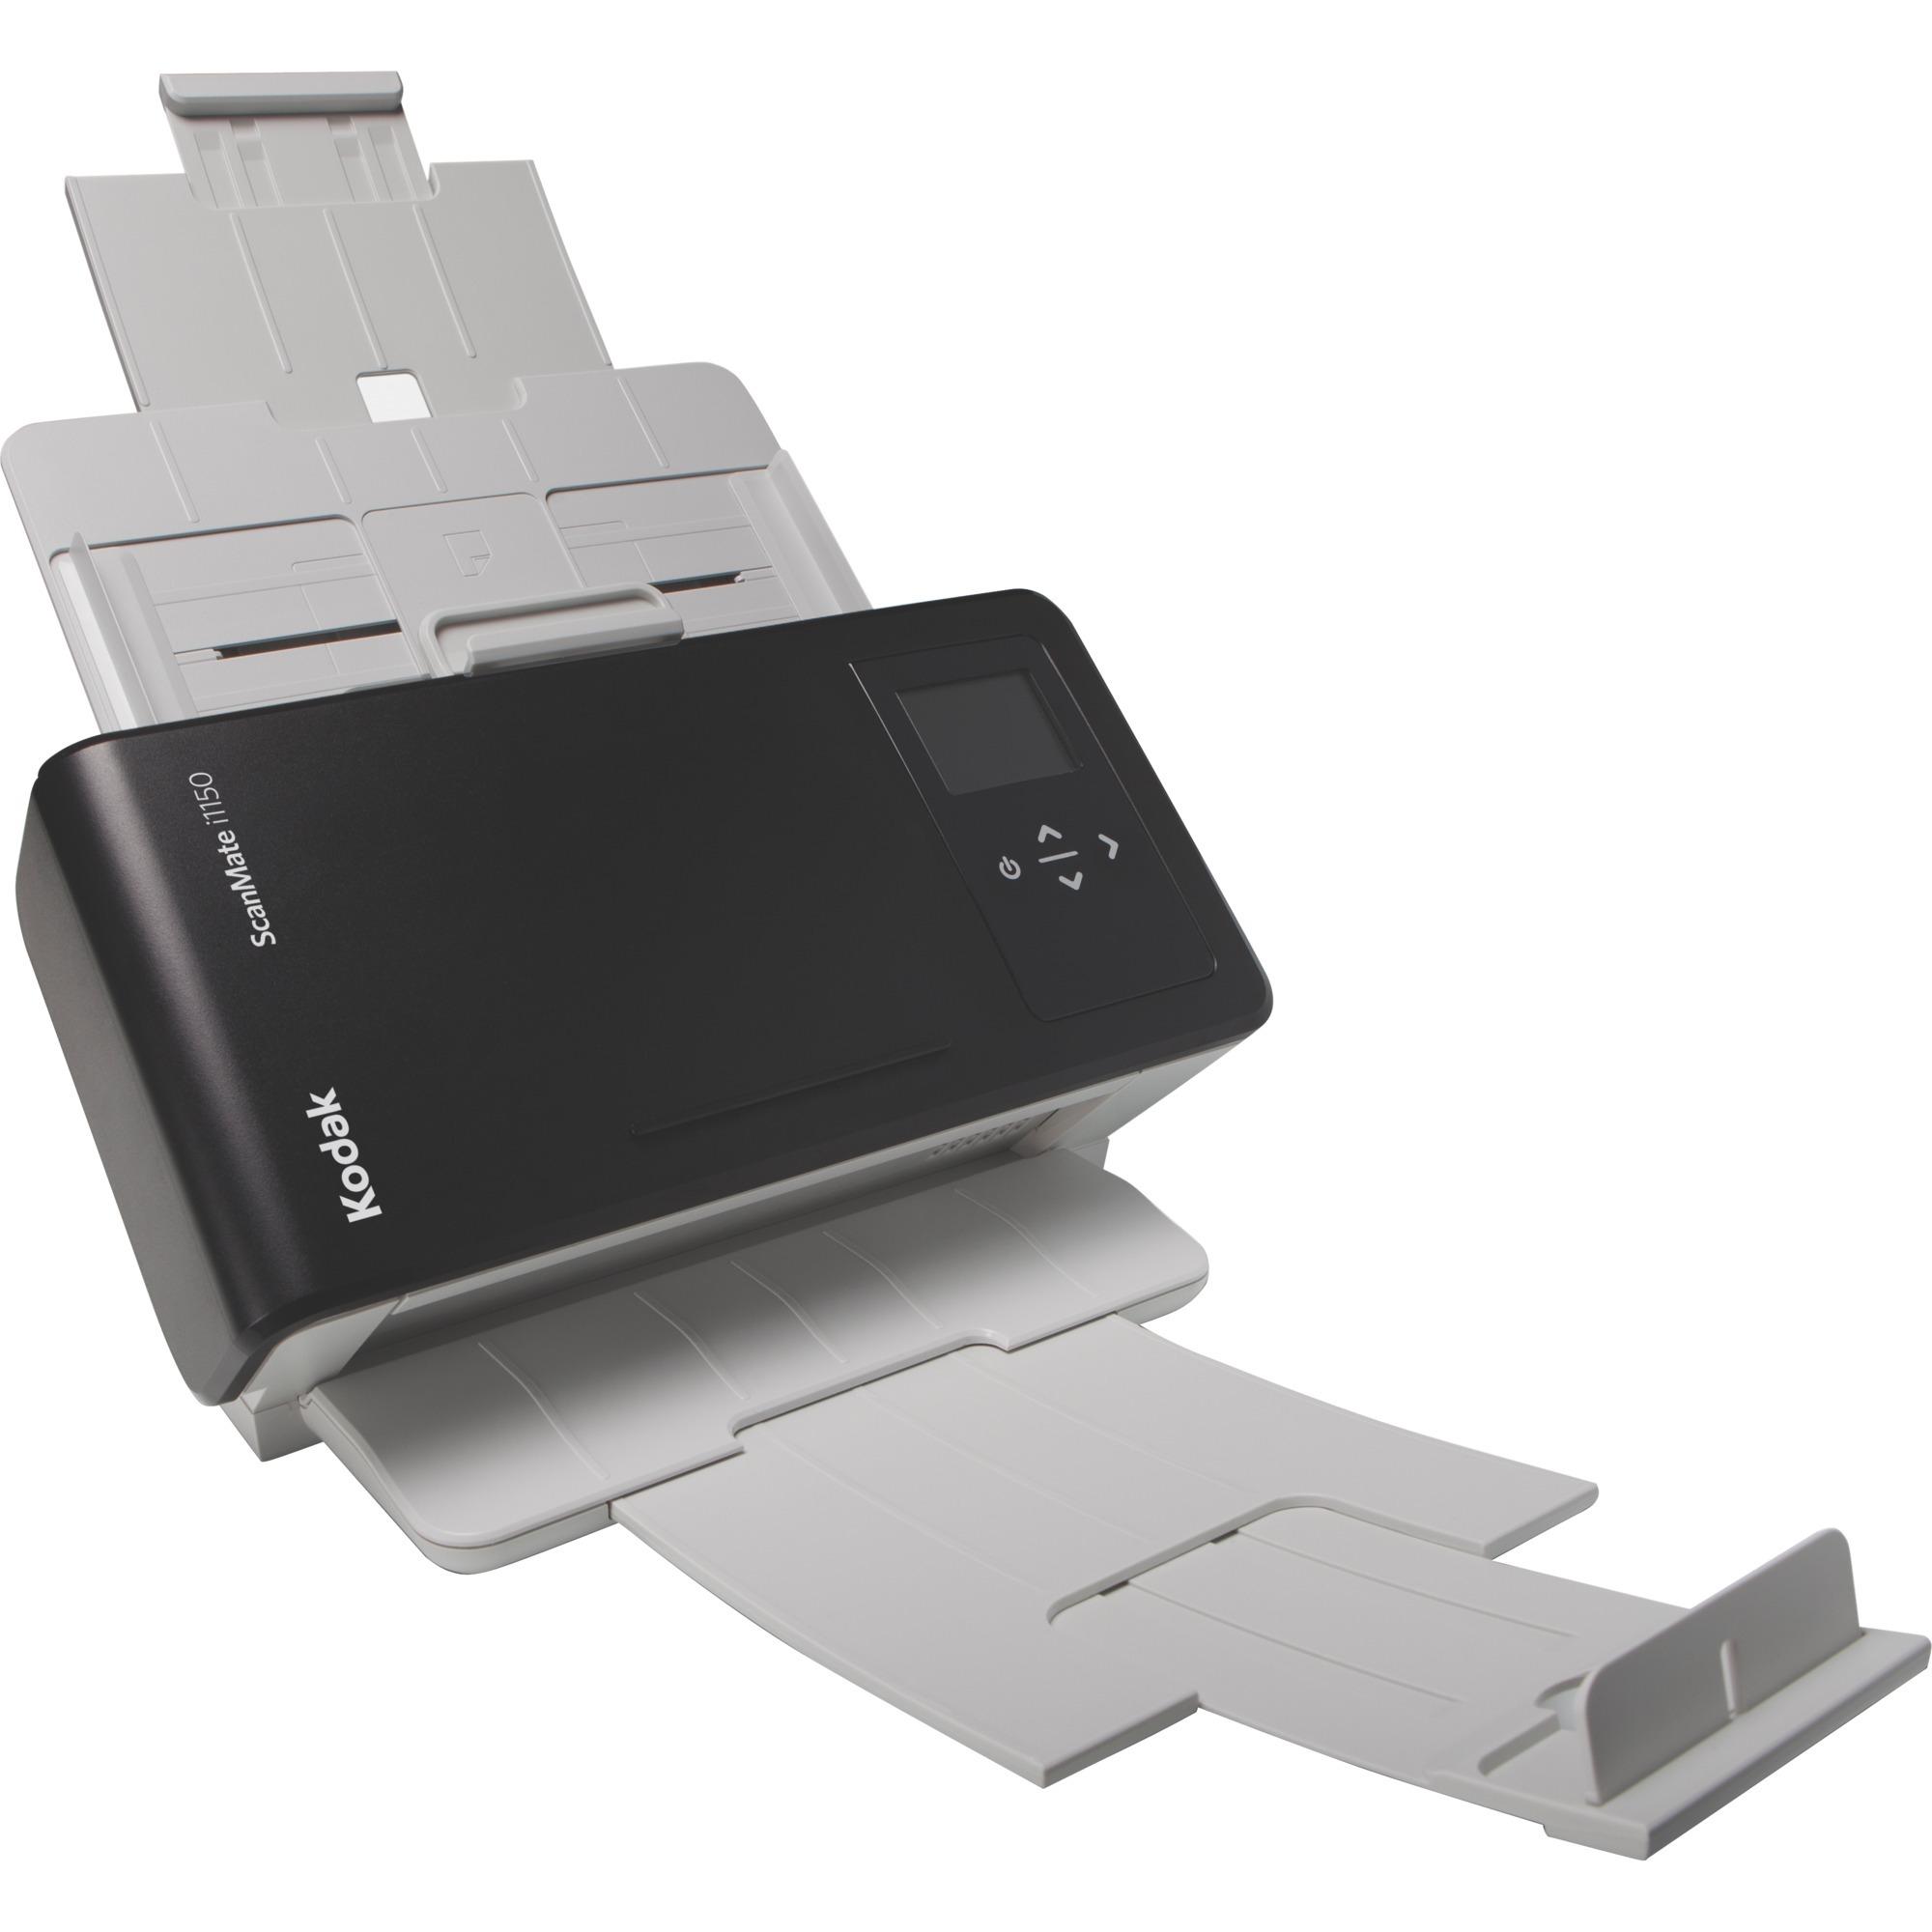 ScanMate i1150 Scanner Escáner con alimentador automático de documentos (ADF) 600 x 600DPI A4 Negro